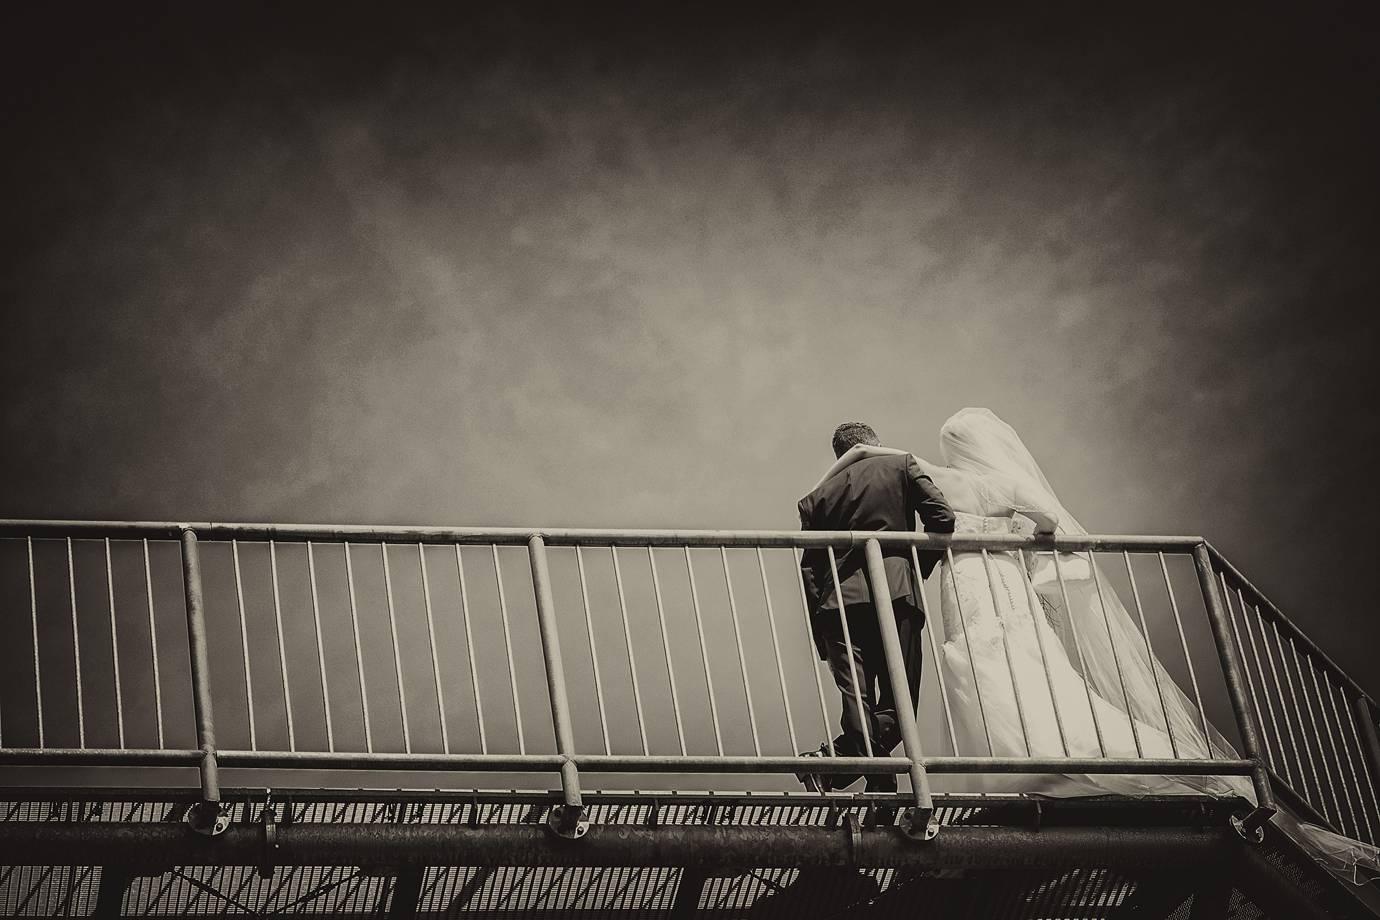 hochzeitsfotograf ritterhude 122 - Susann+Christian